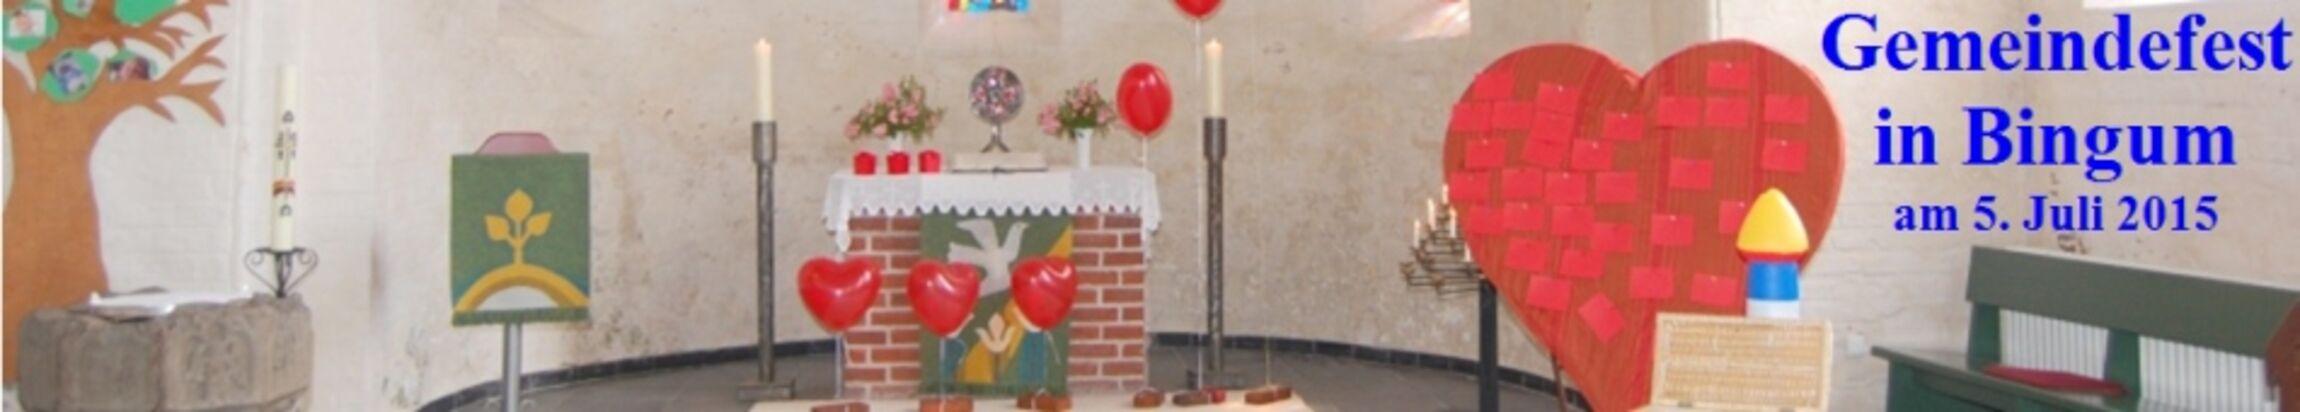 gemeindefest15